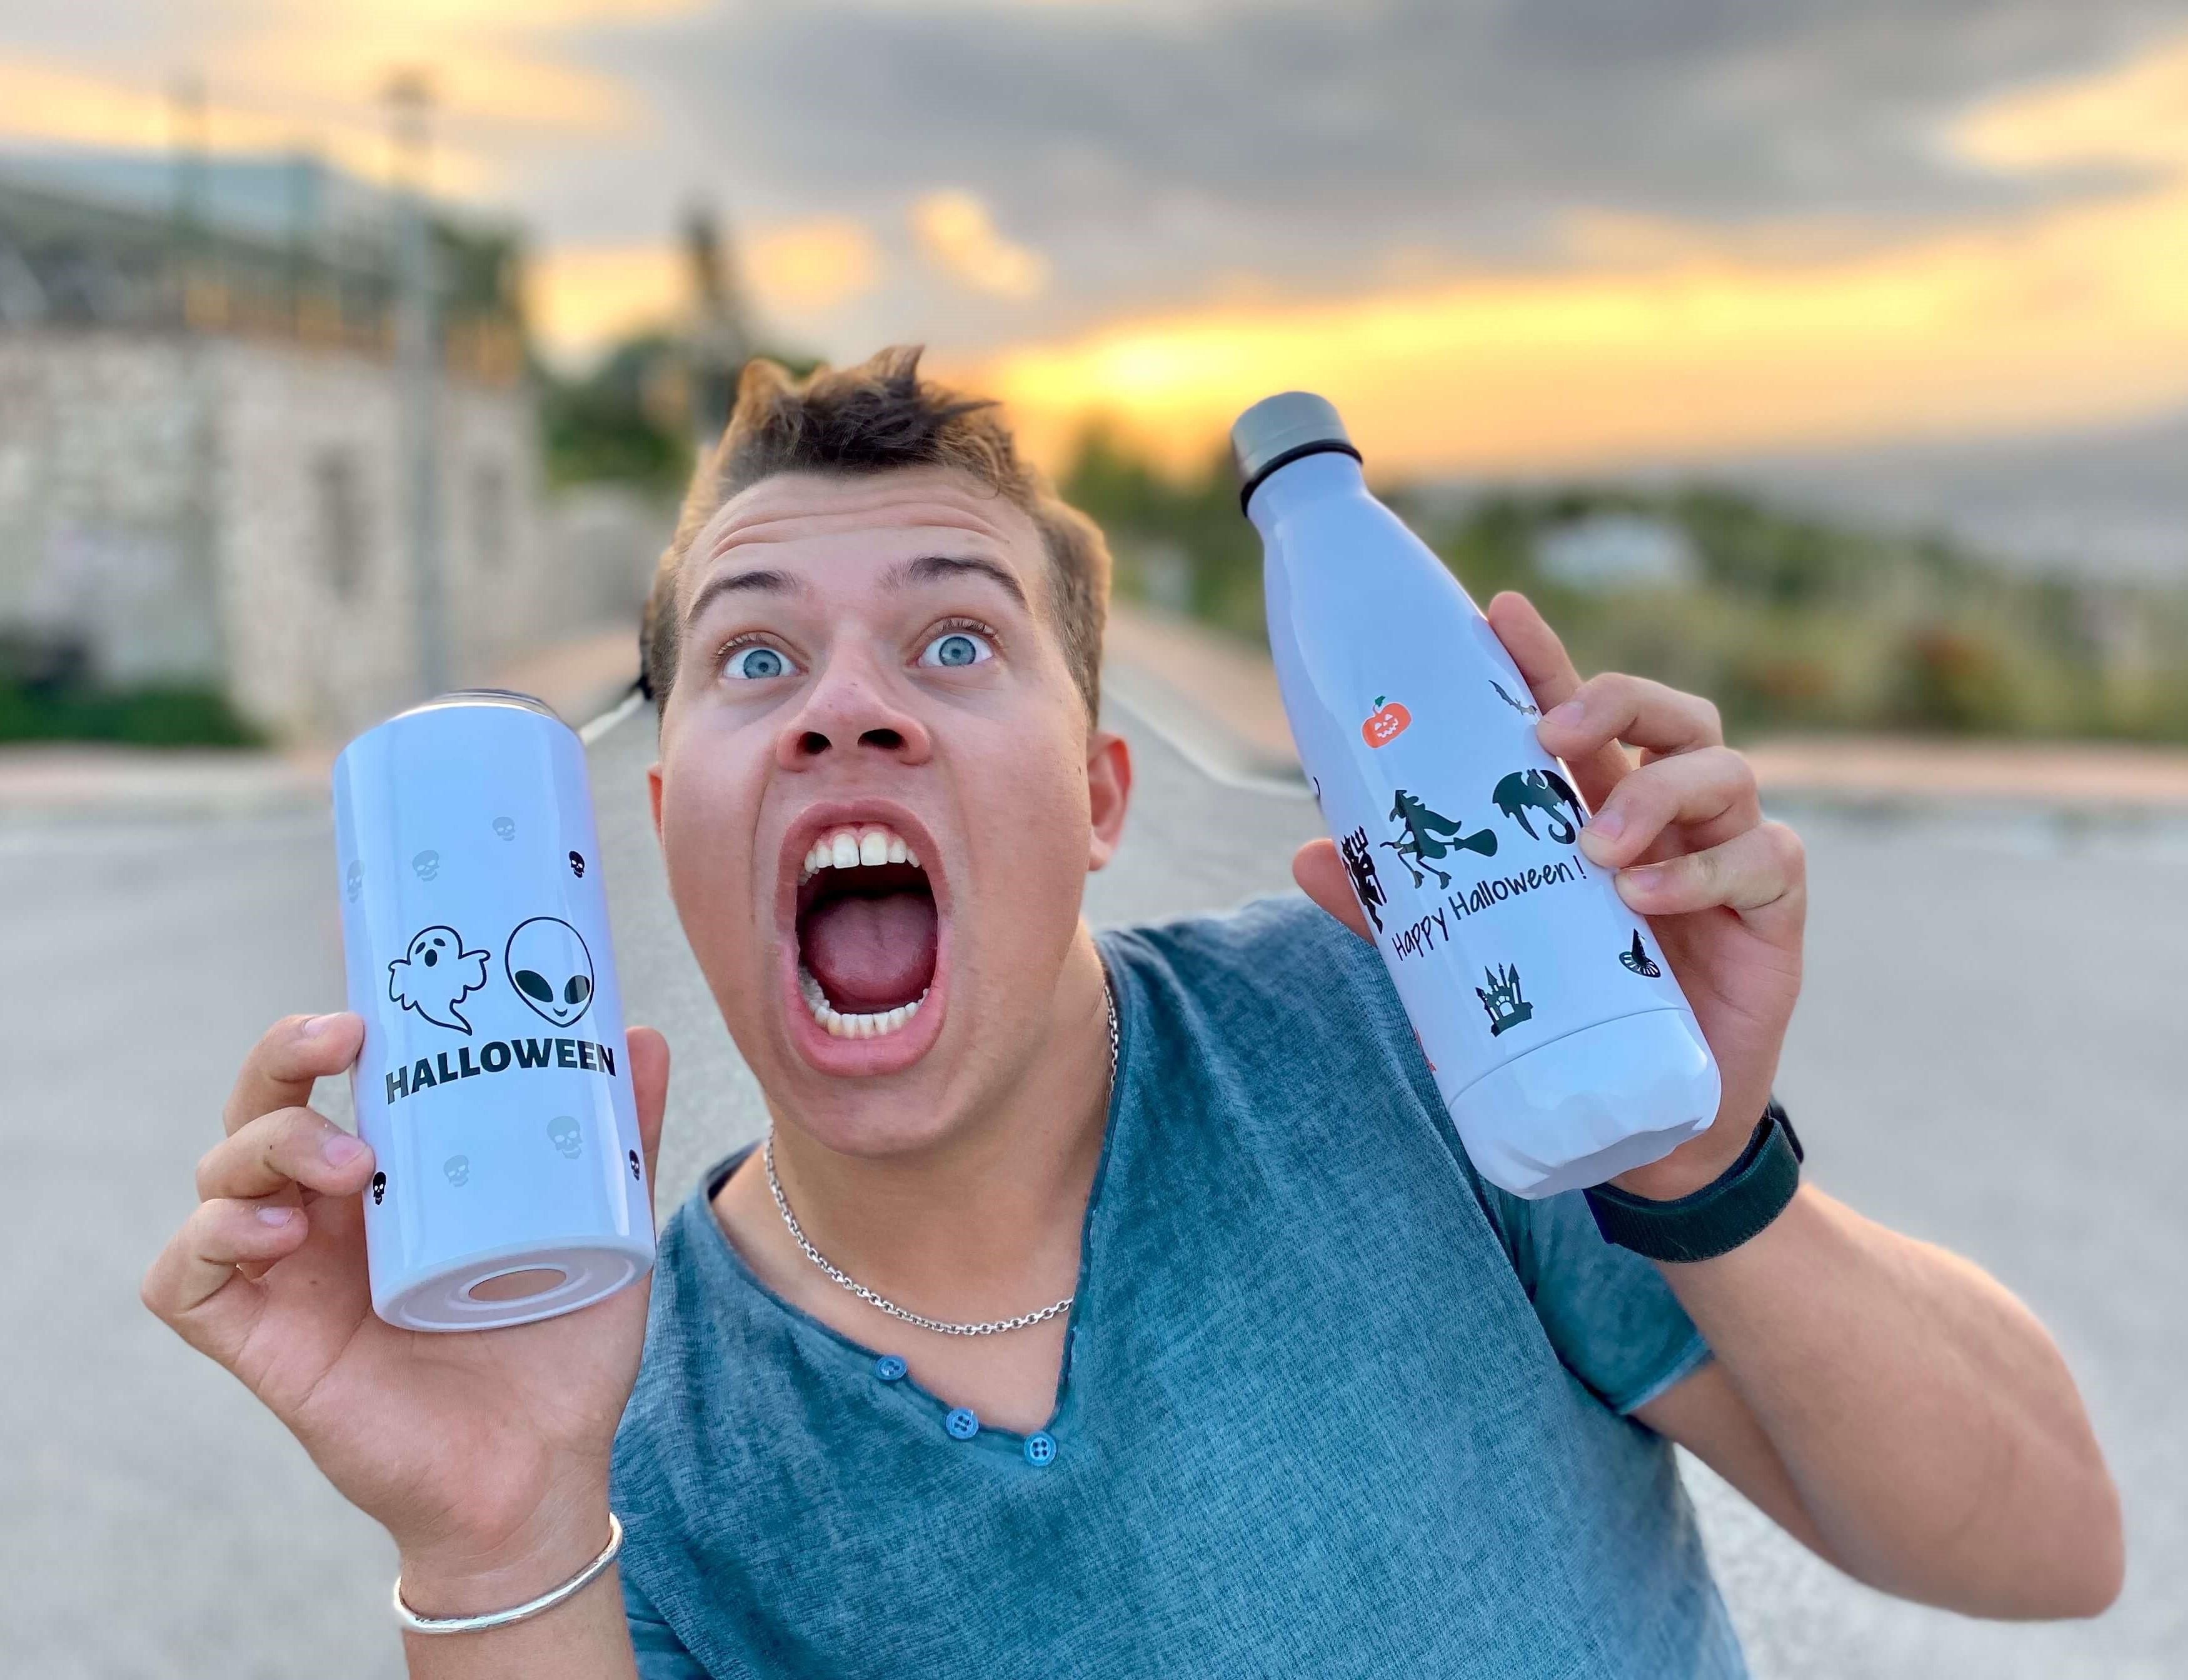 chico con botella y termo persoanlizado de originalpeople